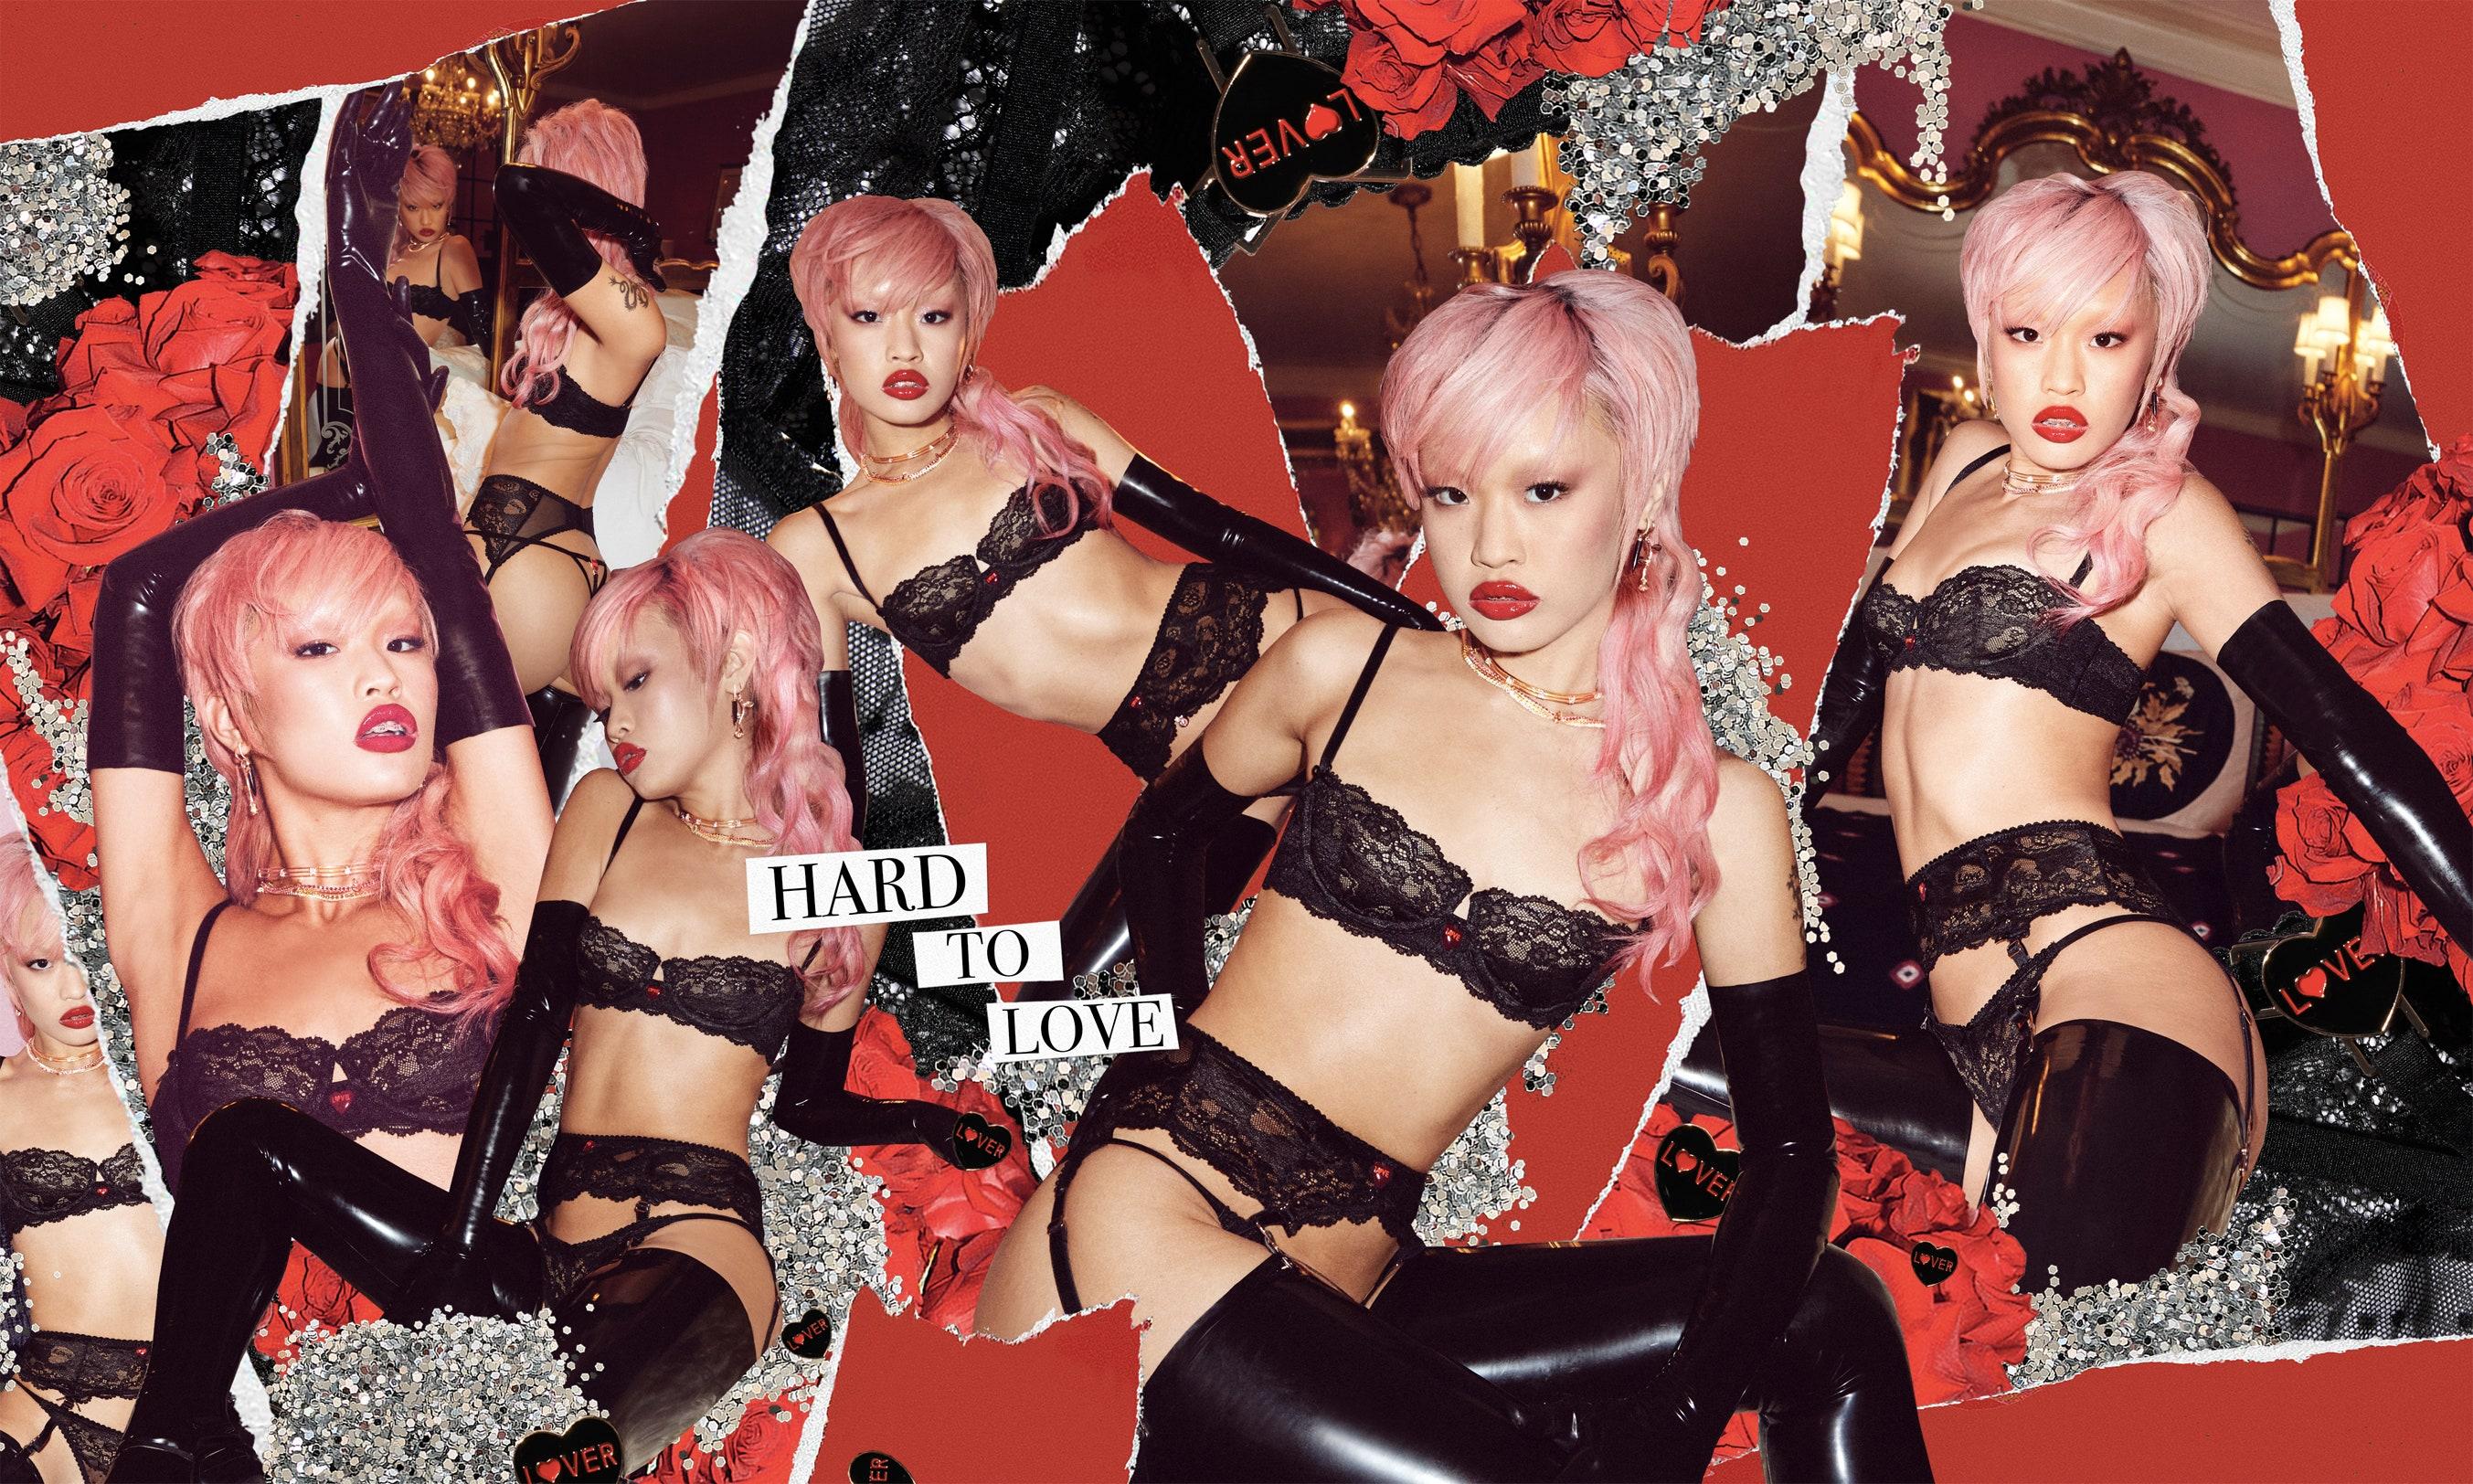 Рианна представила новую коллекцию Savage x Fenty, посвященную Дню всех влюбленных